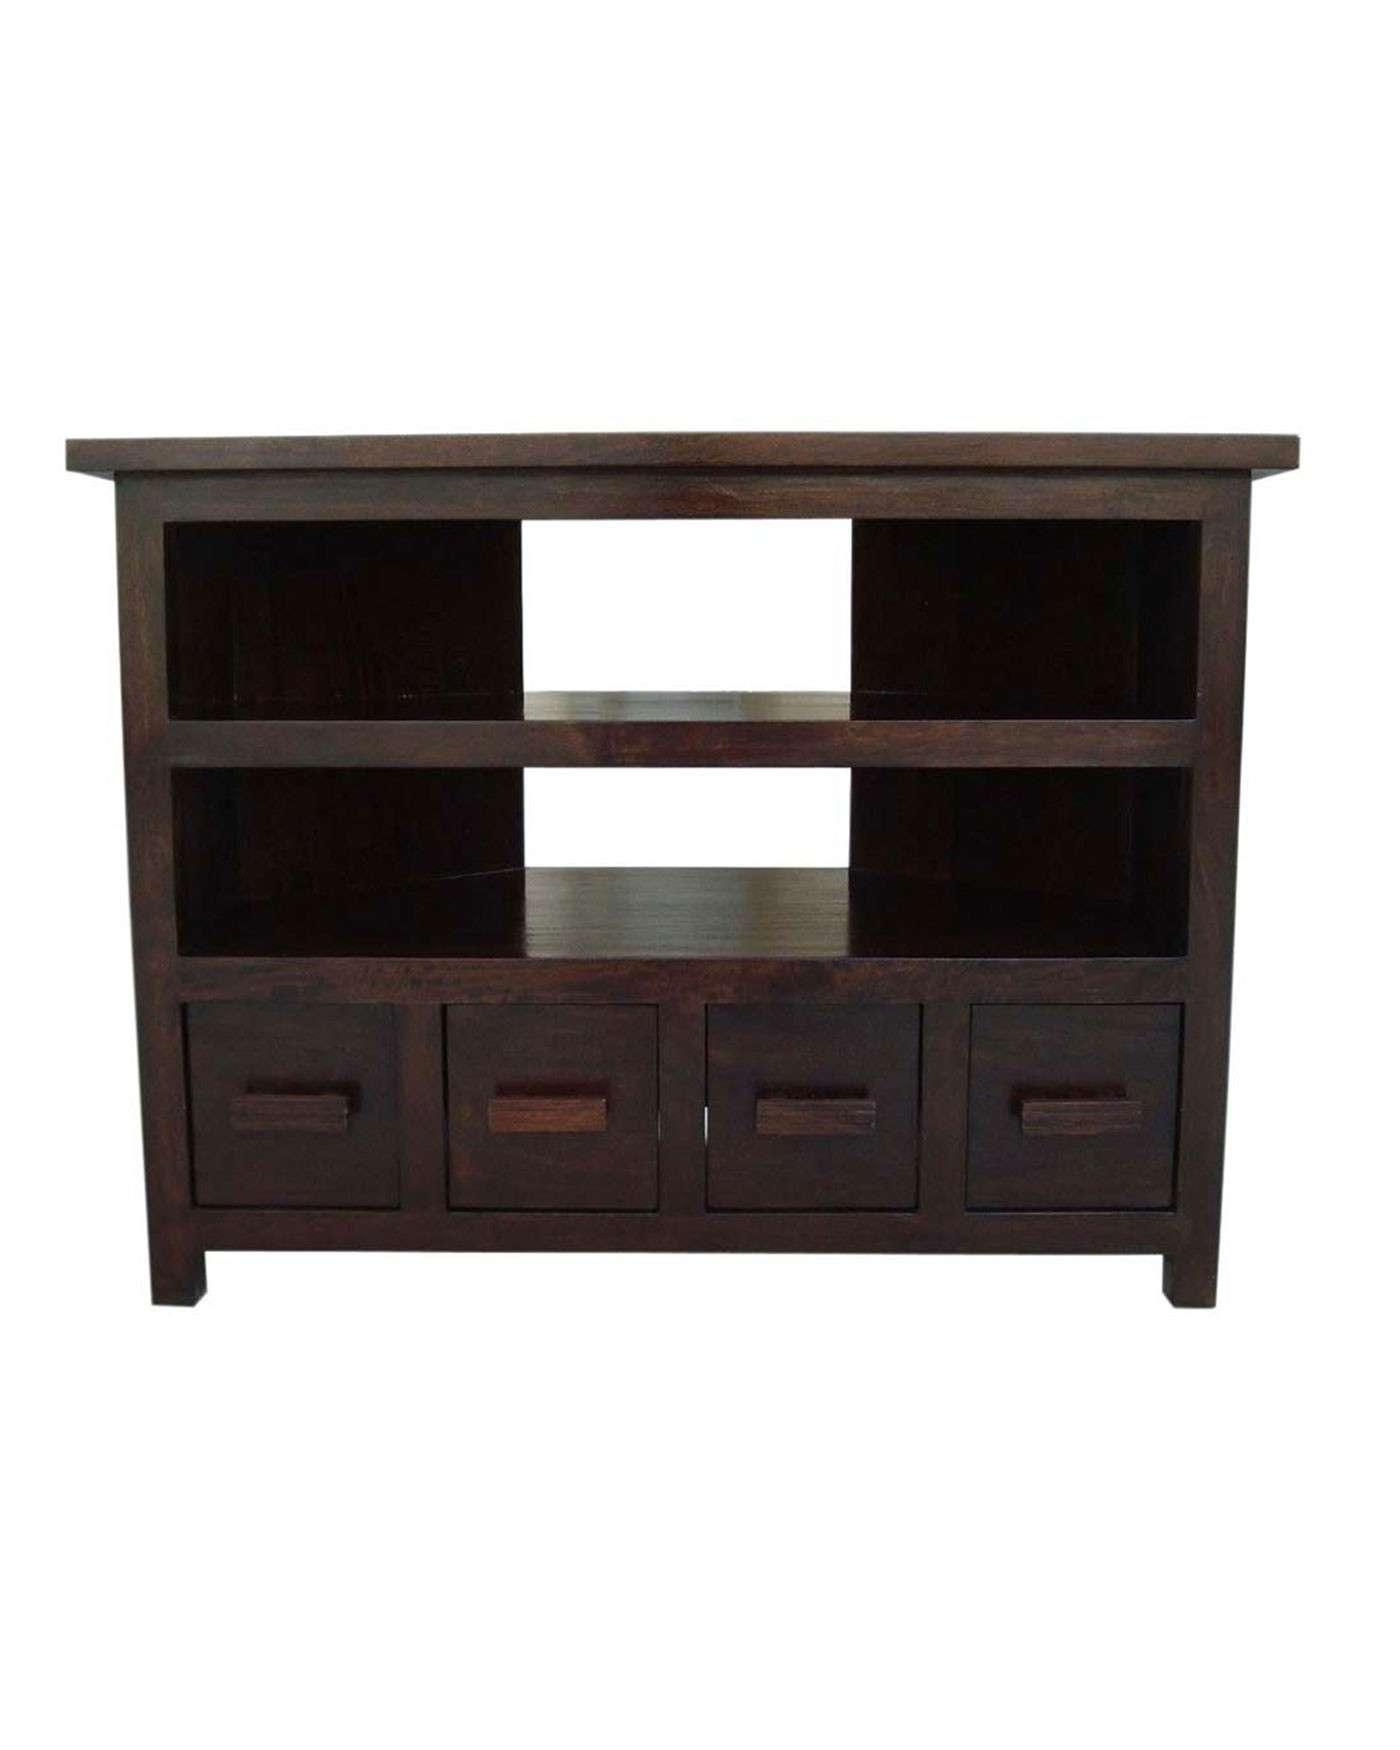 Wooden Tv Stands   Dark Wood Corner Tv Unit   Wooden Tv Cabinet Pertaining To Dark Wood Tv Cabinets (View 4 of 20)